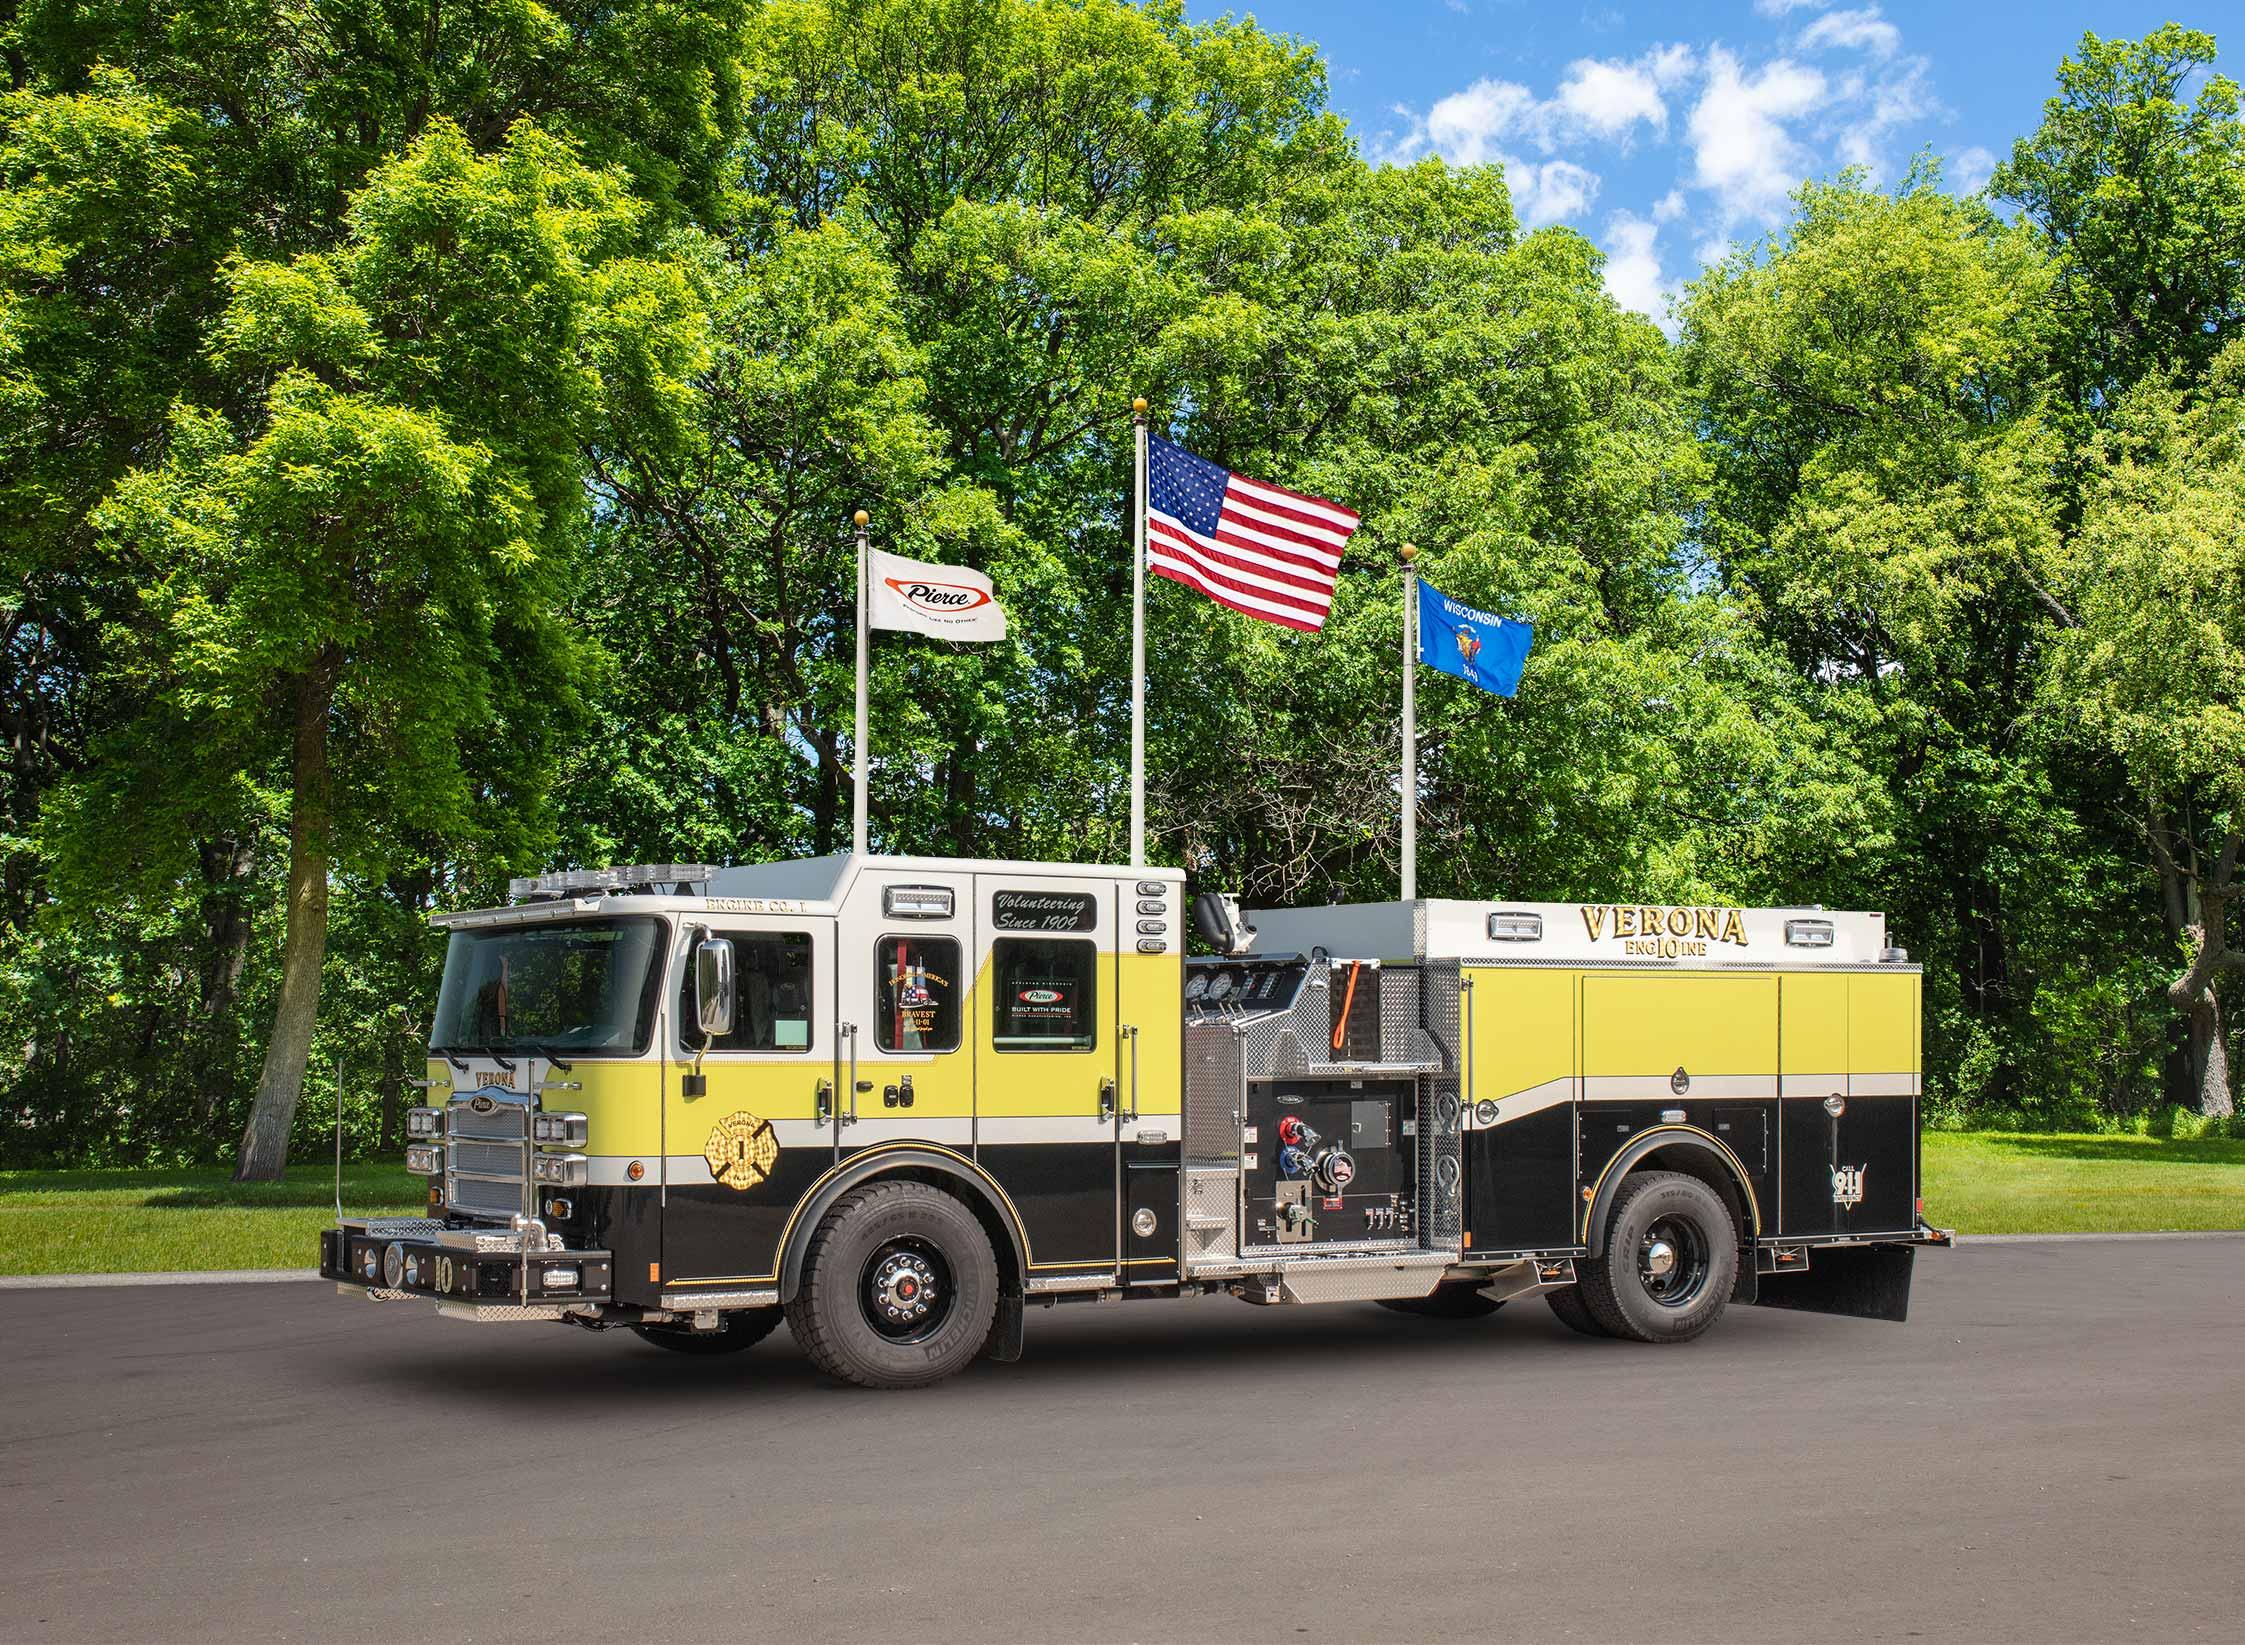 Township of Verona Fire Department - Pumper